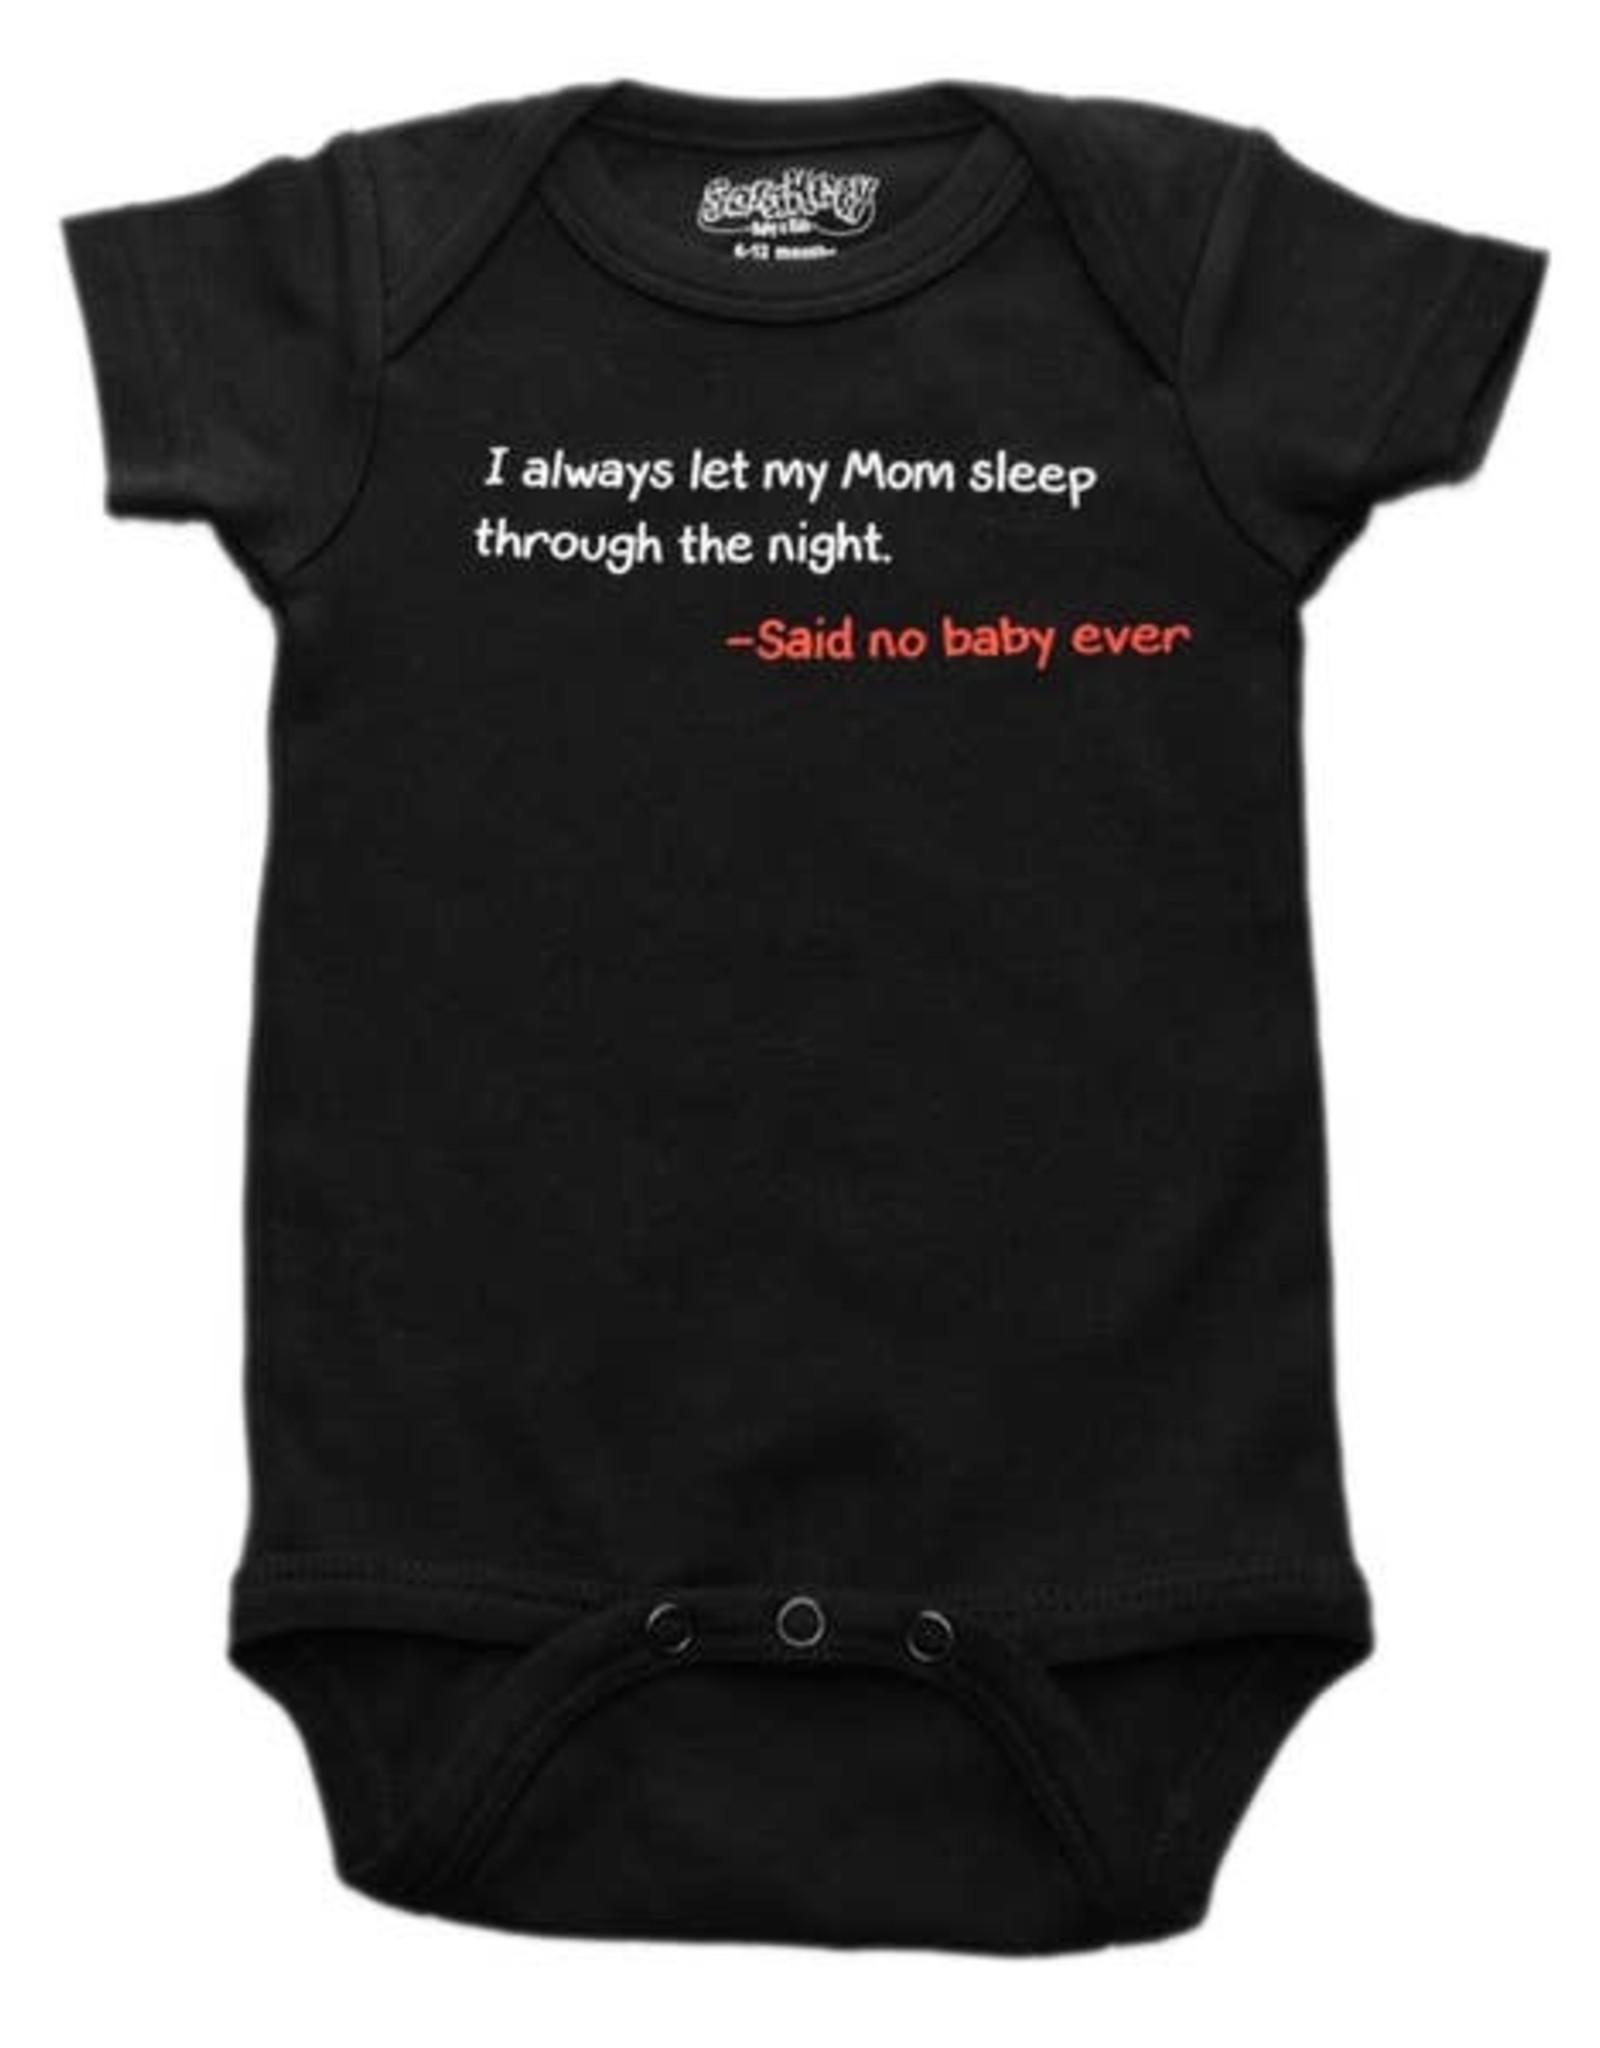 Sara Kety Onesie Said No Baby 6-12 Months Blk